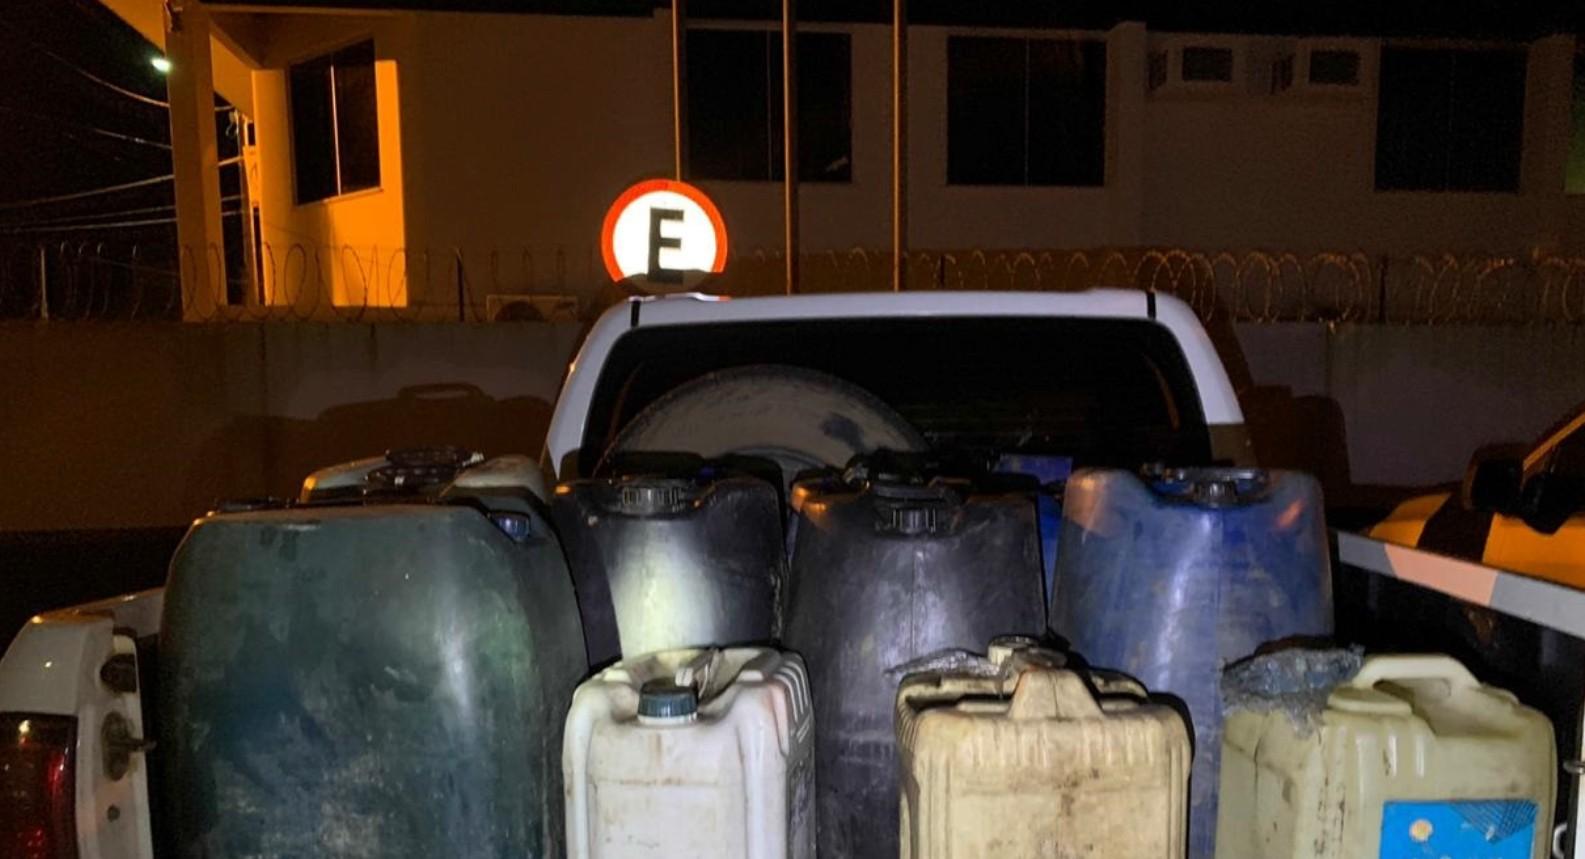 Quarteto é preso em flagrante ao tentar furtar combustível de trem da Vale, no Pará